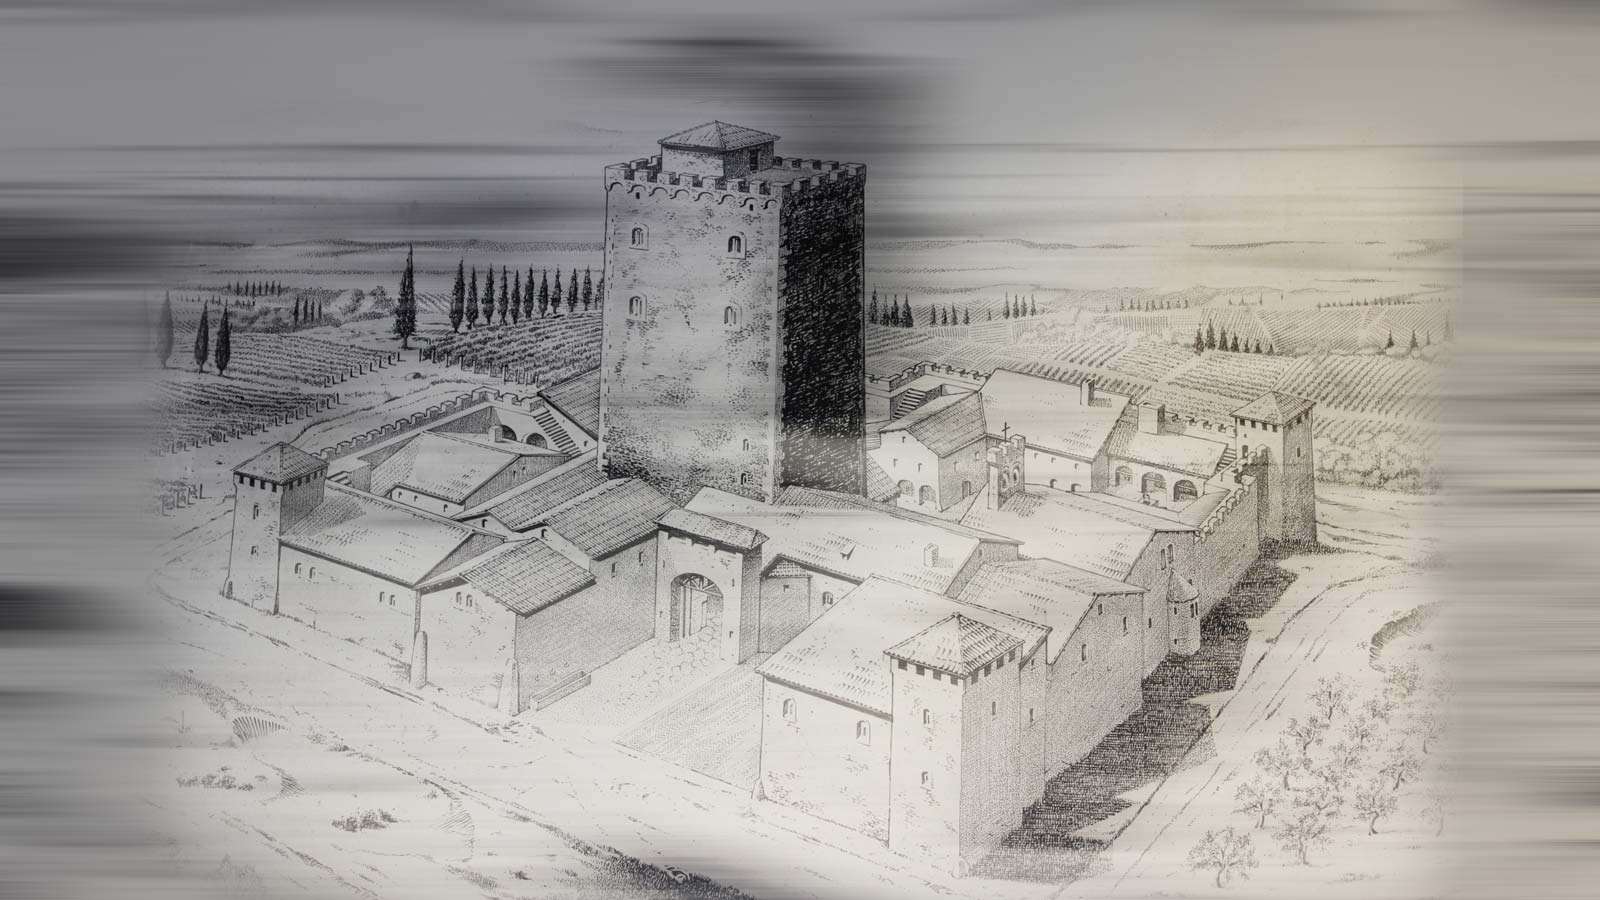 castello-torre-nera-origini-ok